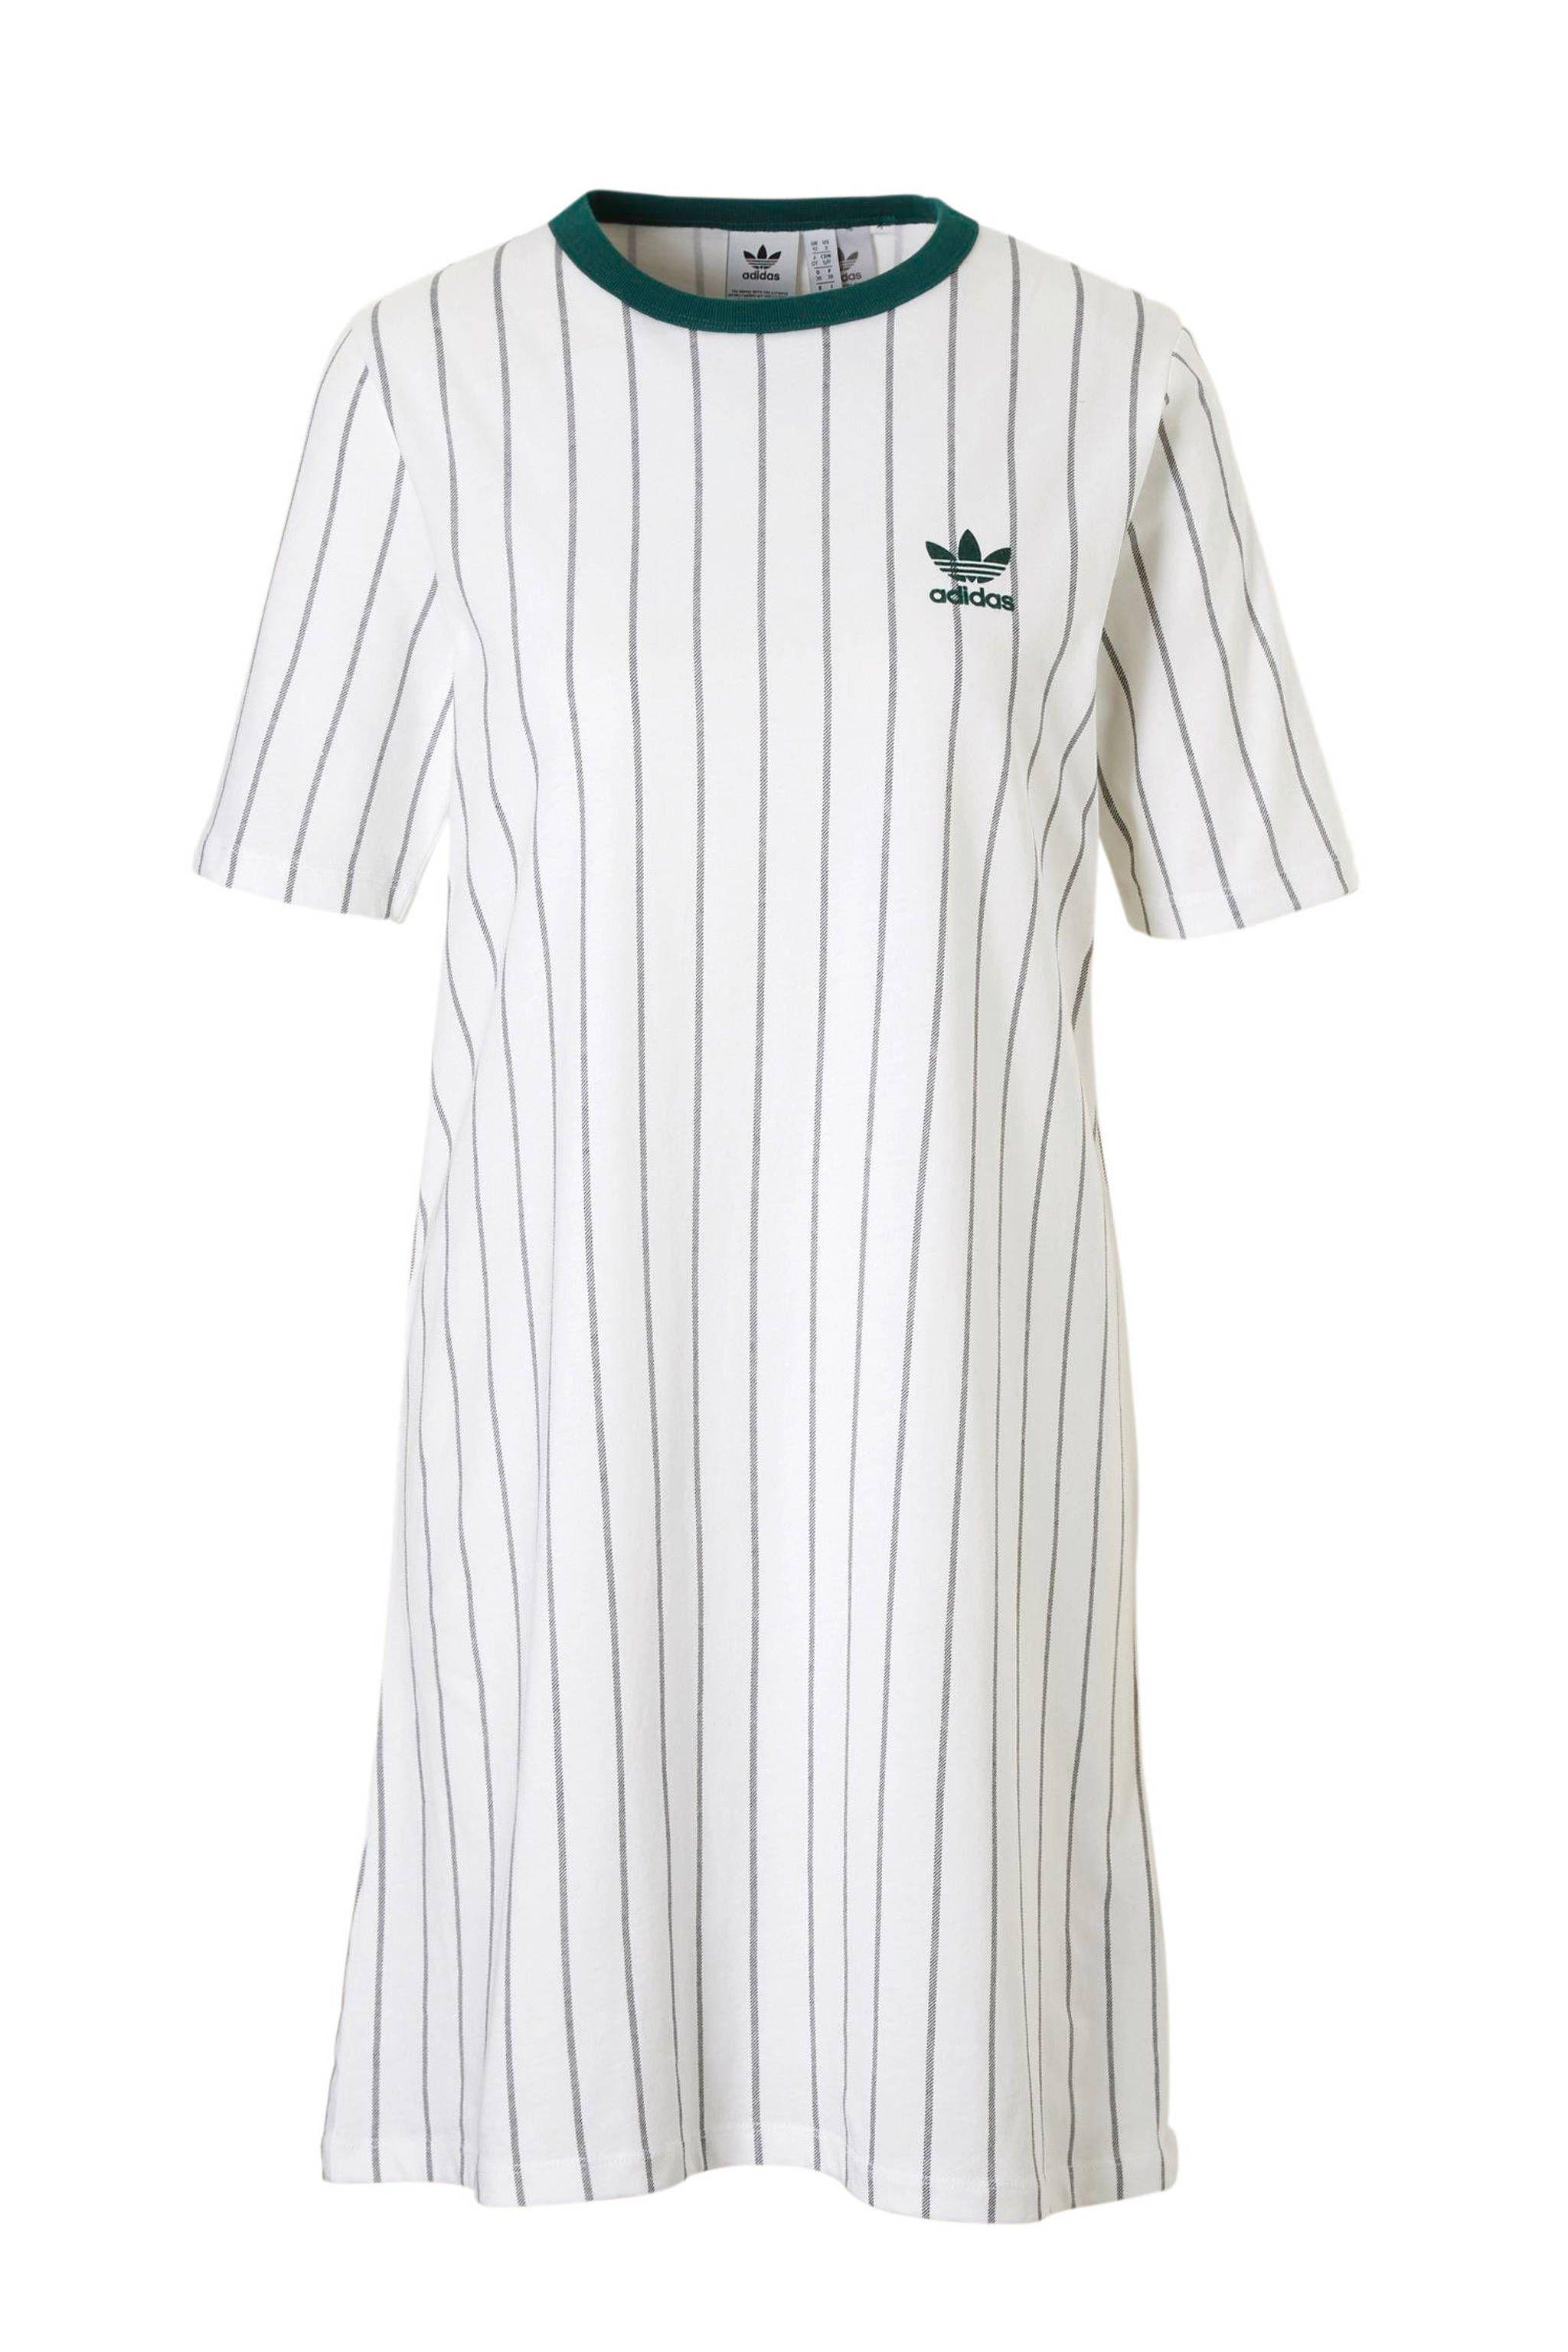 adidas originals T-shirt jurk wit/groen, Wit/groen | T-shirt ...